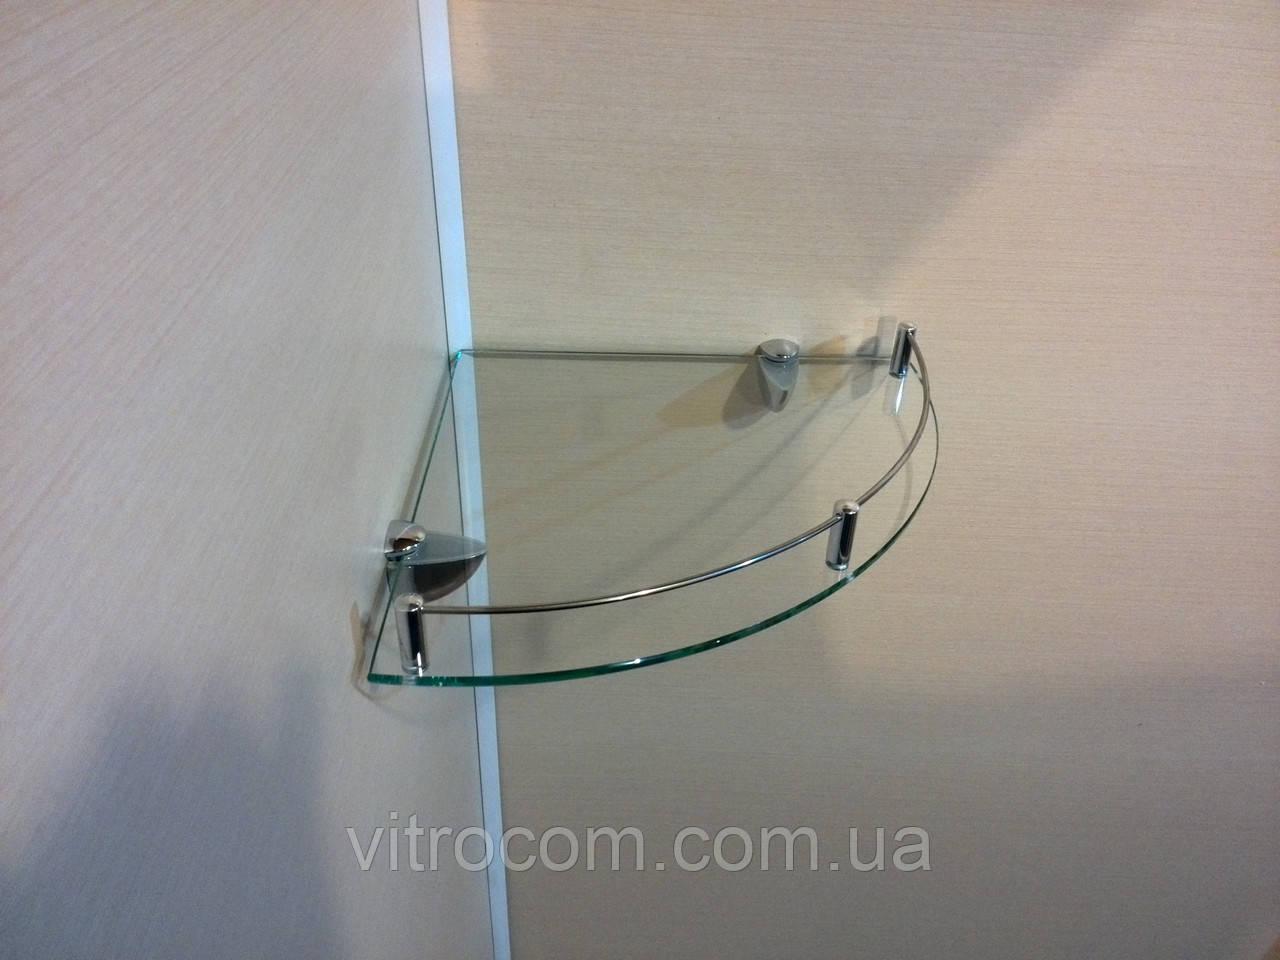 Полка с бортиком стеклянная угловая 5 мм прозрачная 30 х 30 см